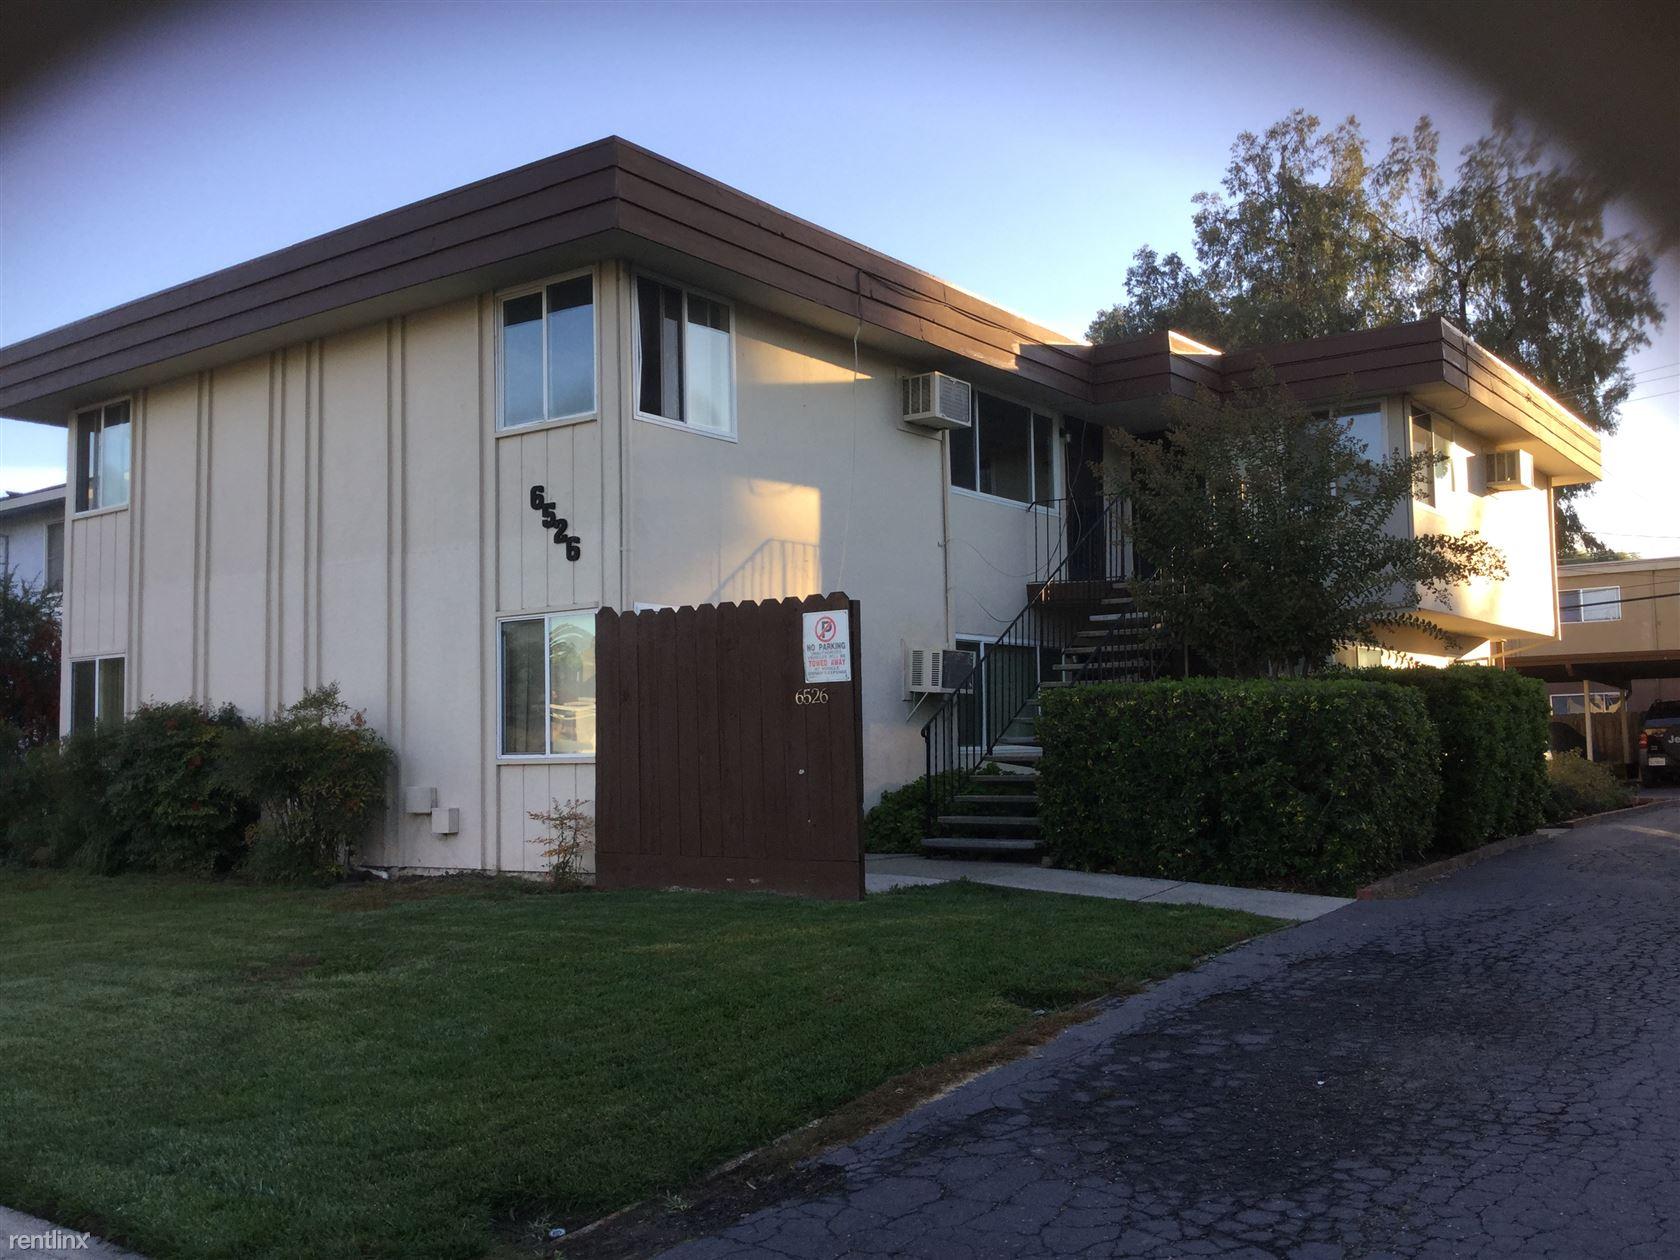 6526 Gunton Way, Stockton, CA 95207